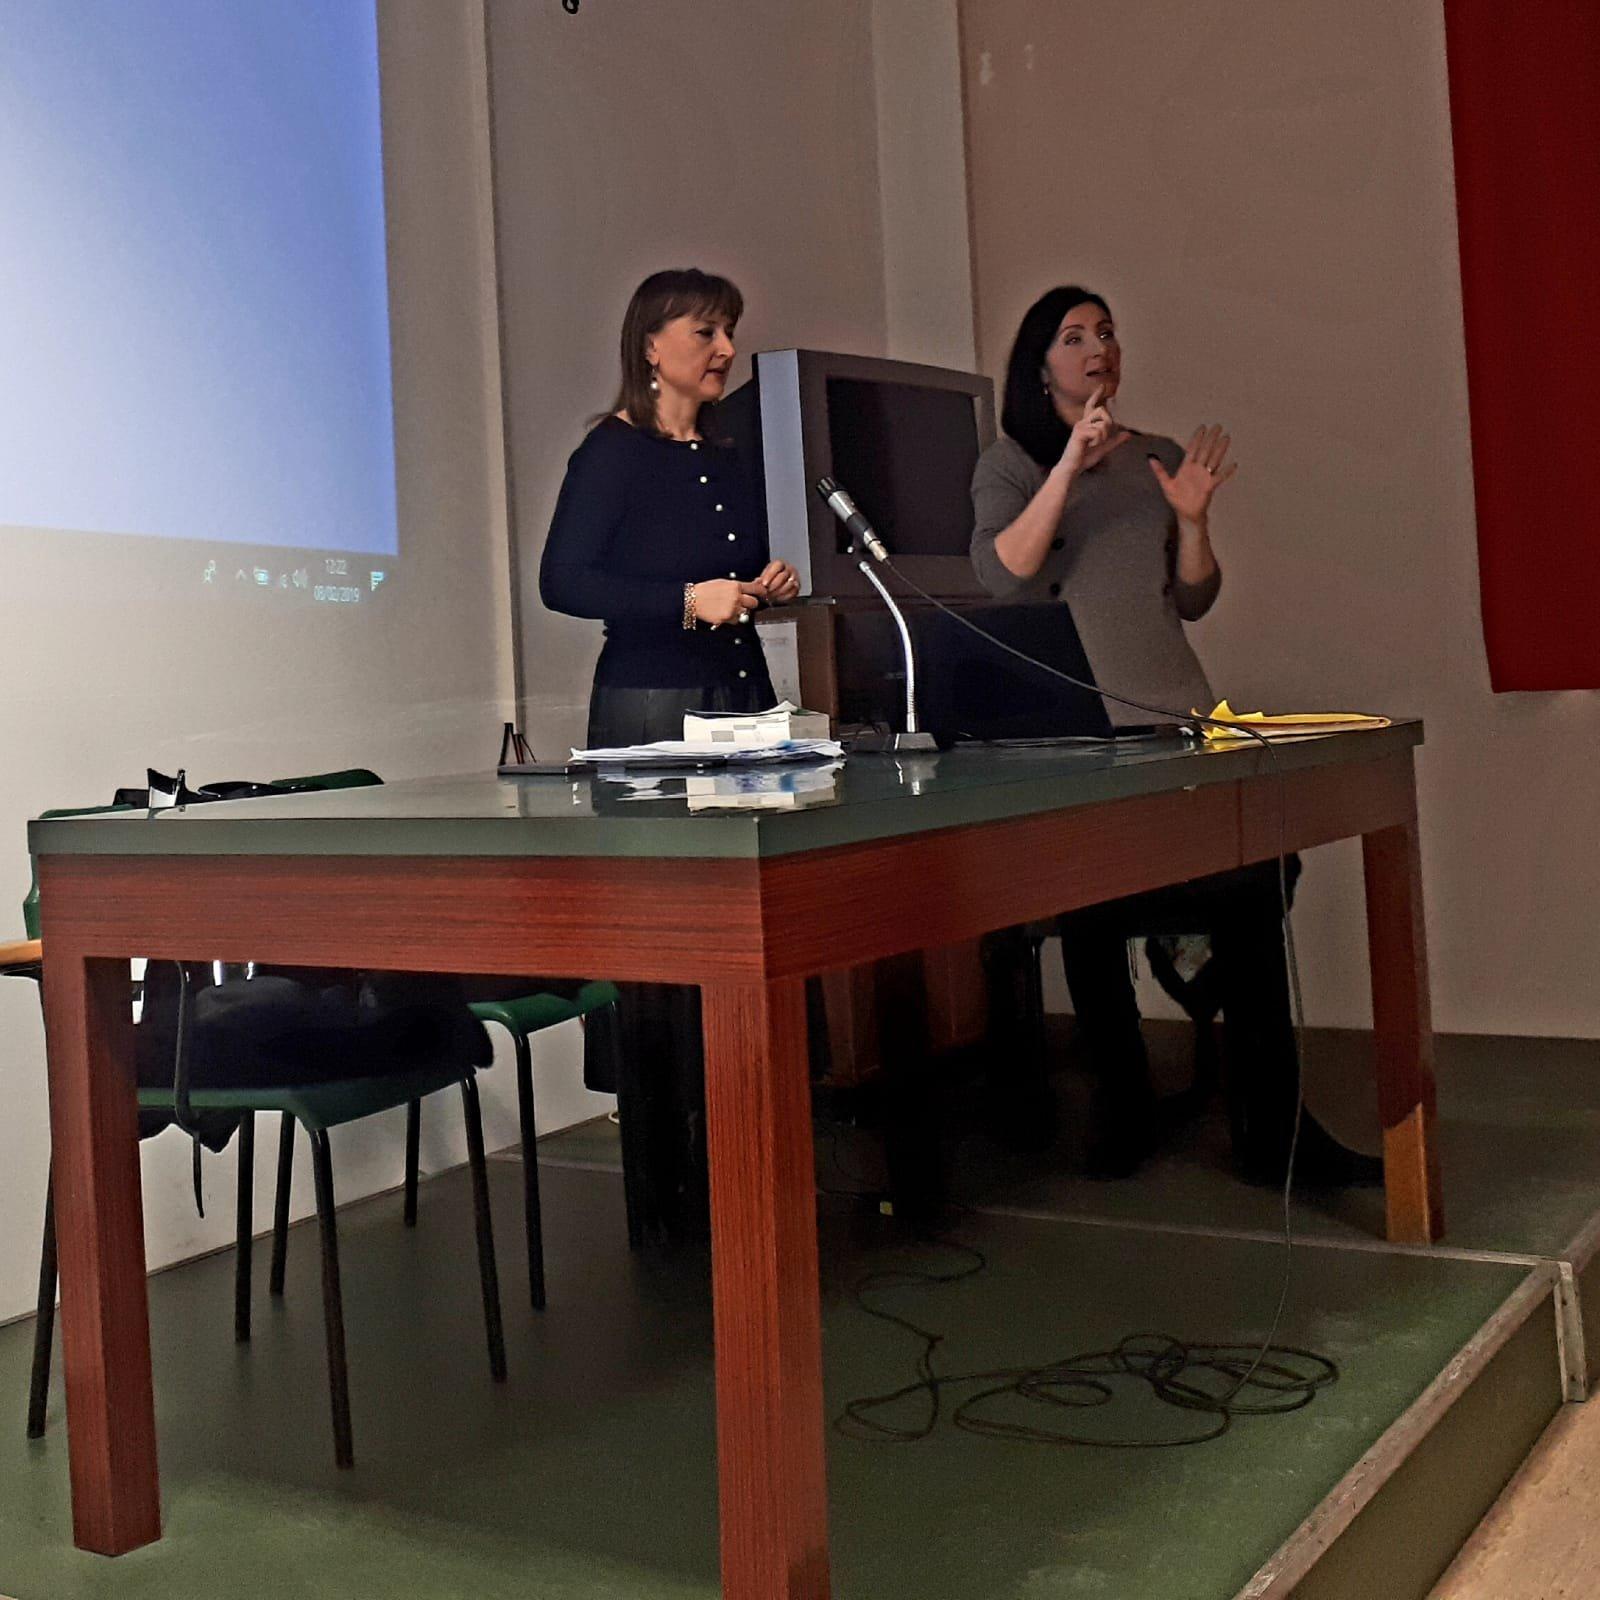 Tribunale Pavia: Centro Per La Promozione Della Legalità